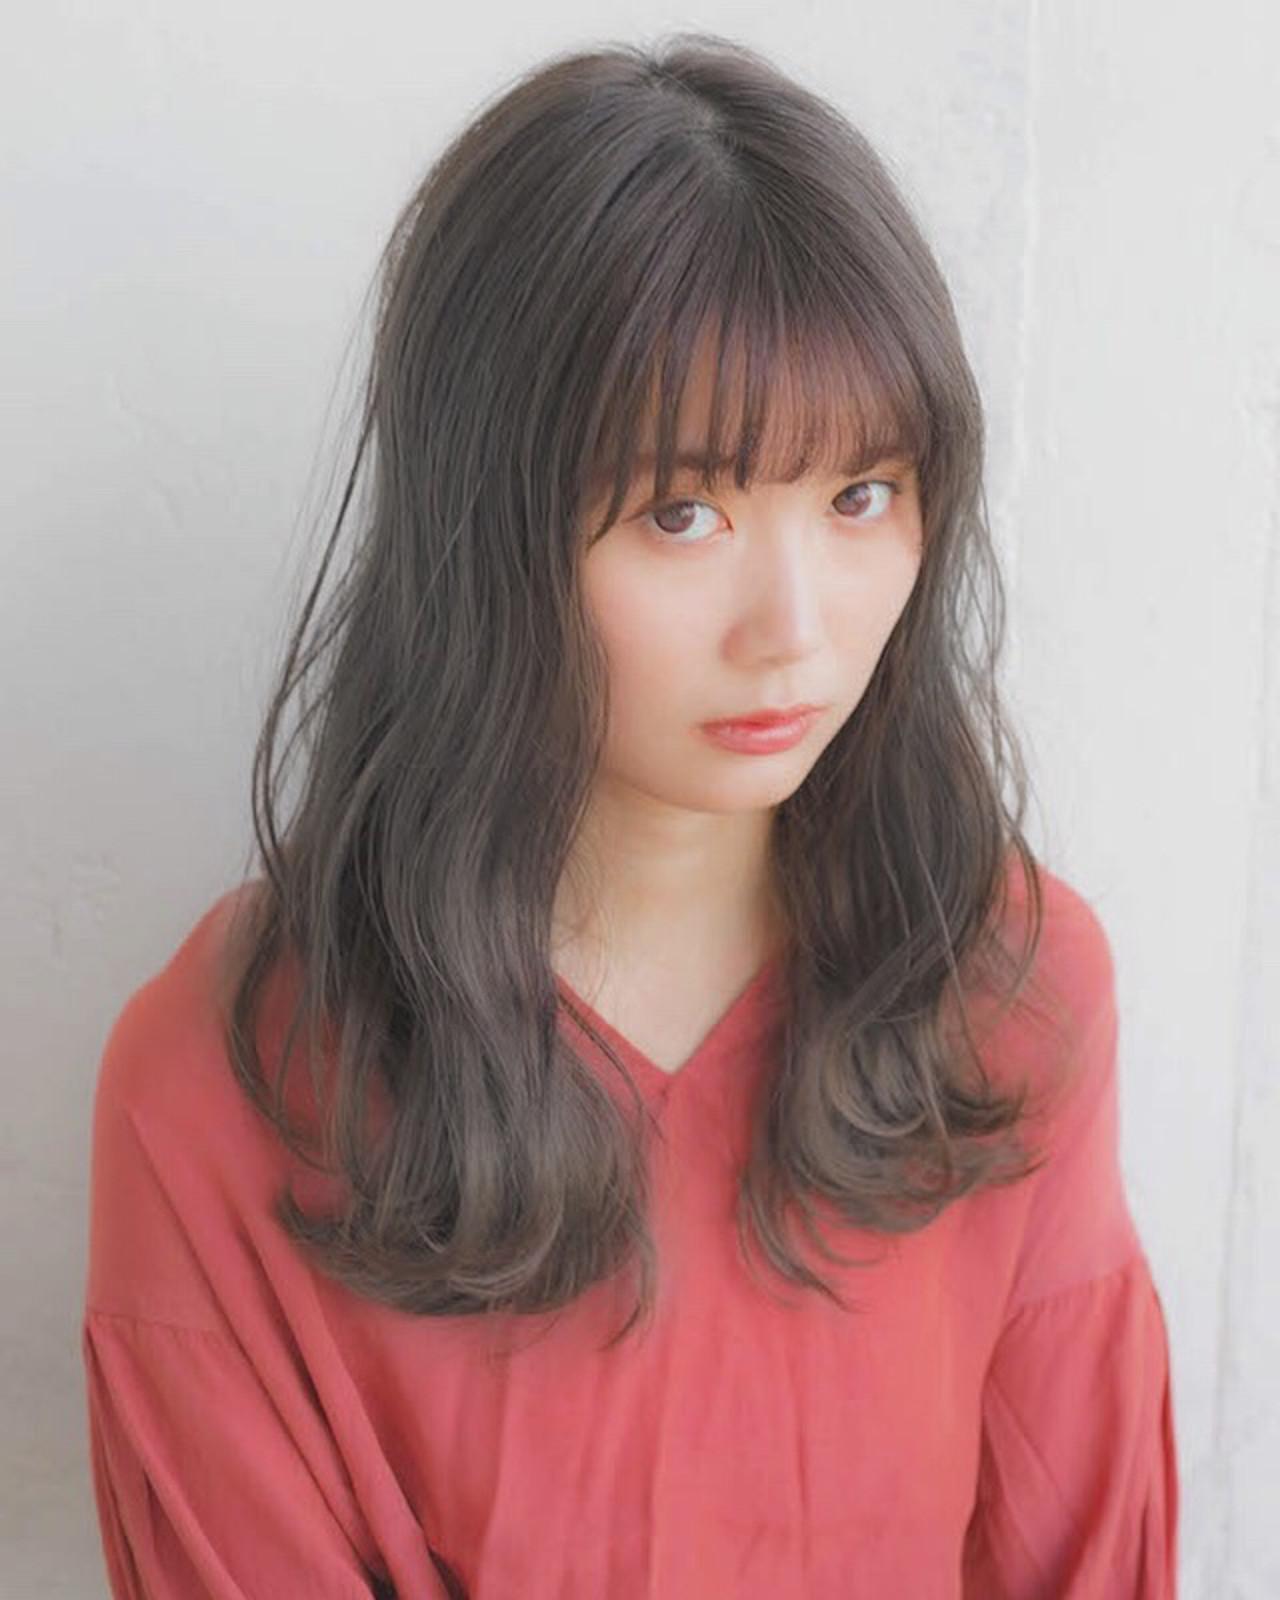 セミロング フェミニン アンニュイほつれヘア 前髪 ヘアスタイルや髪型の写真・画像